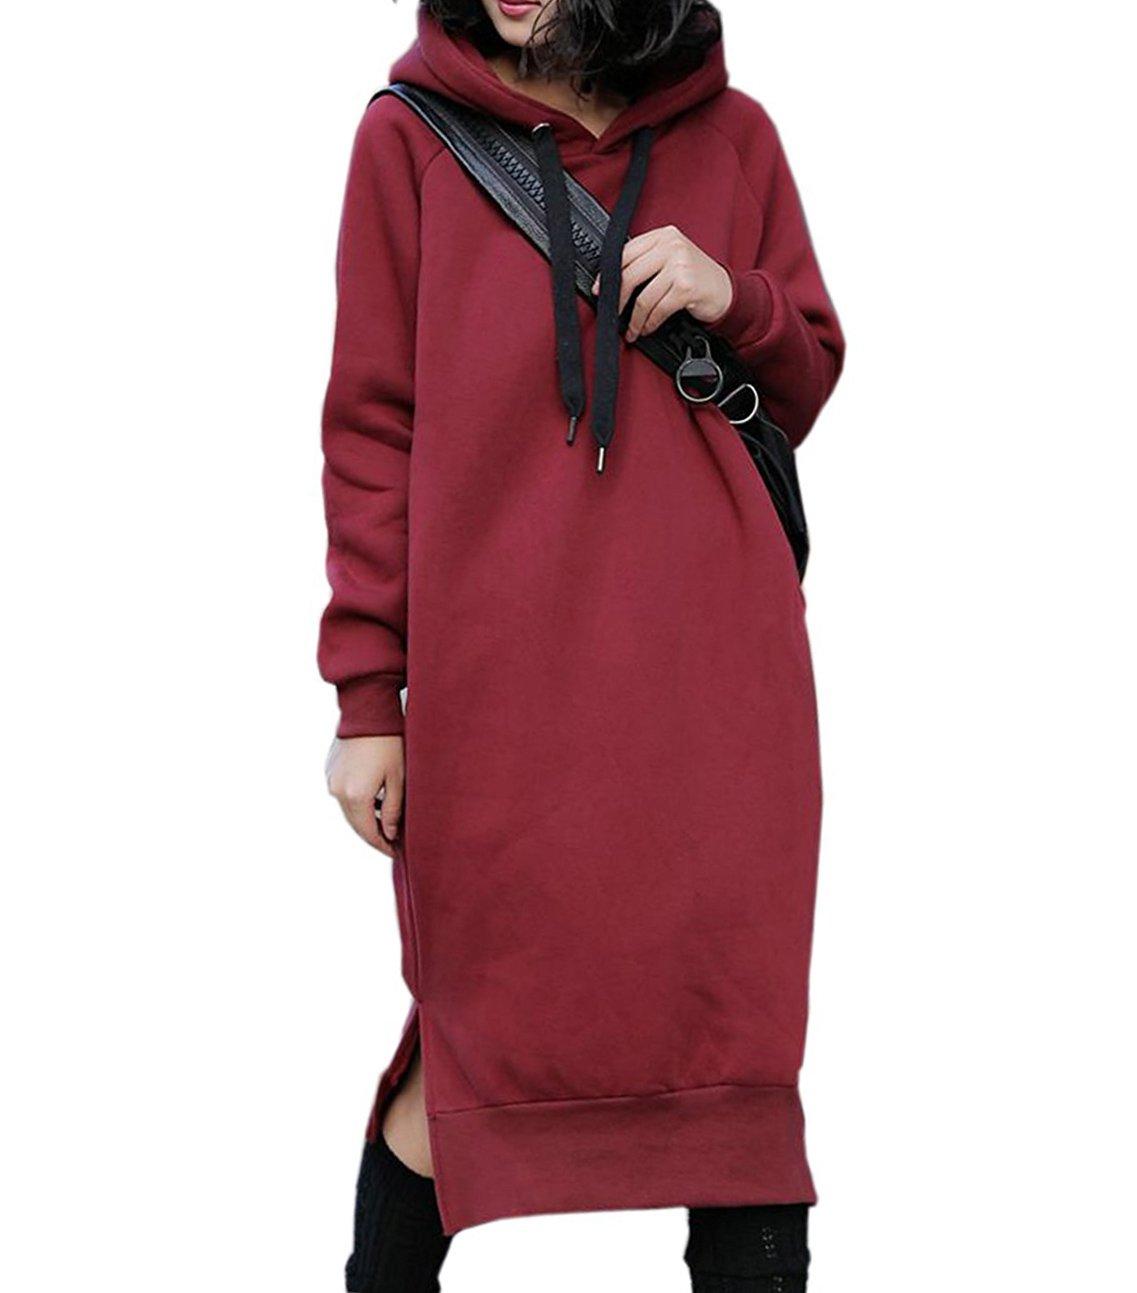 Women's Long Fleece Sweatshirt Hoodie Pullover Dress Plus Size NUTEXROL NUNWY1117000